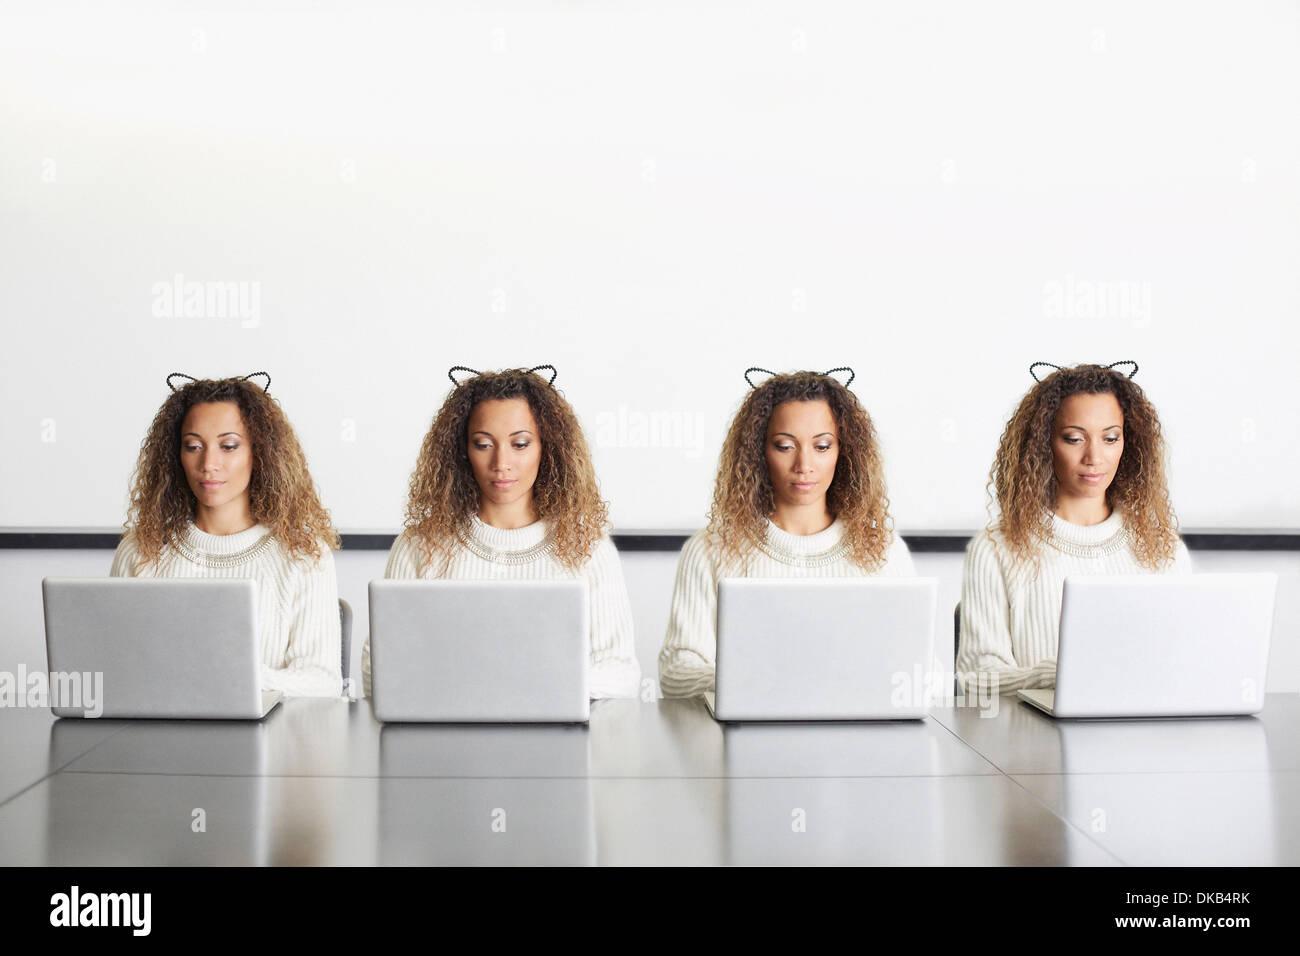 La empresaria vistiendo orejas utilizando ordenadores portátiles Imagen De Stock